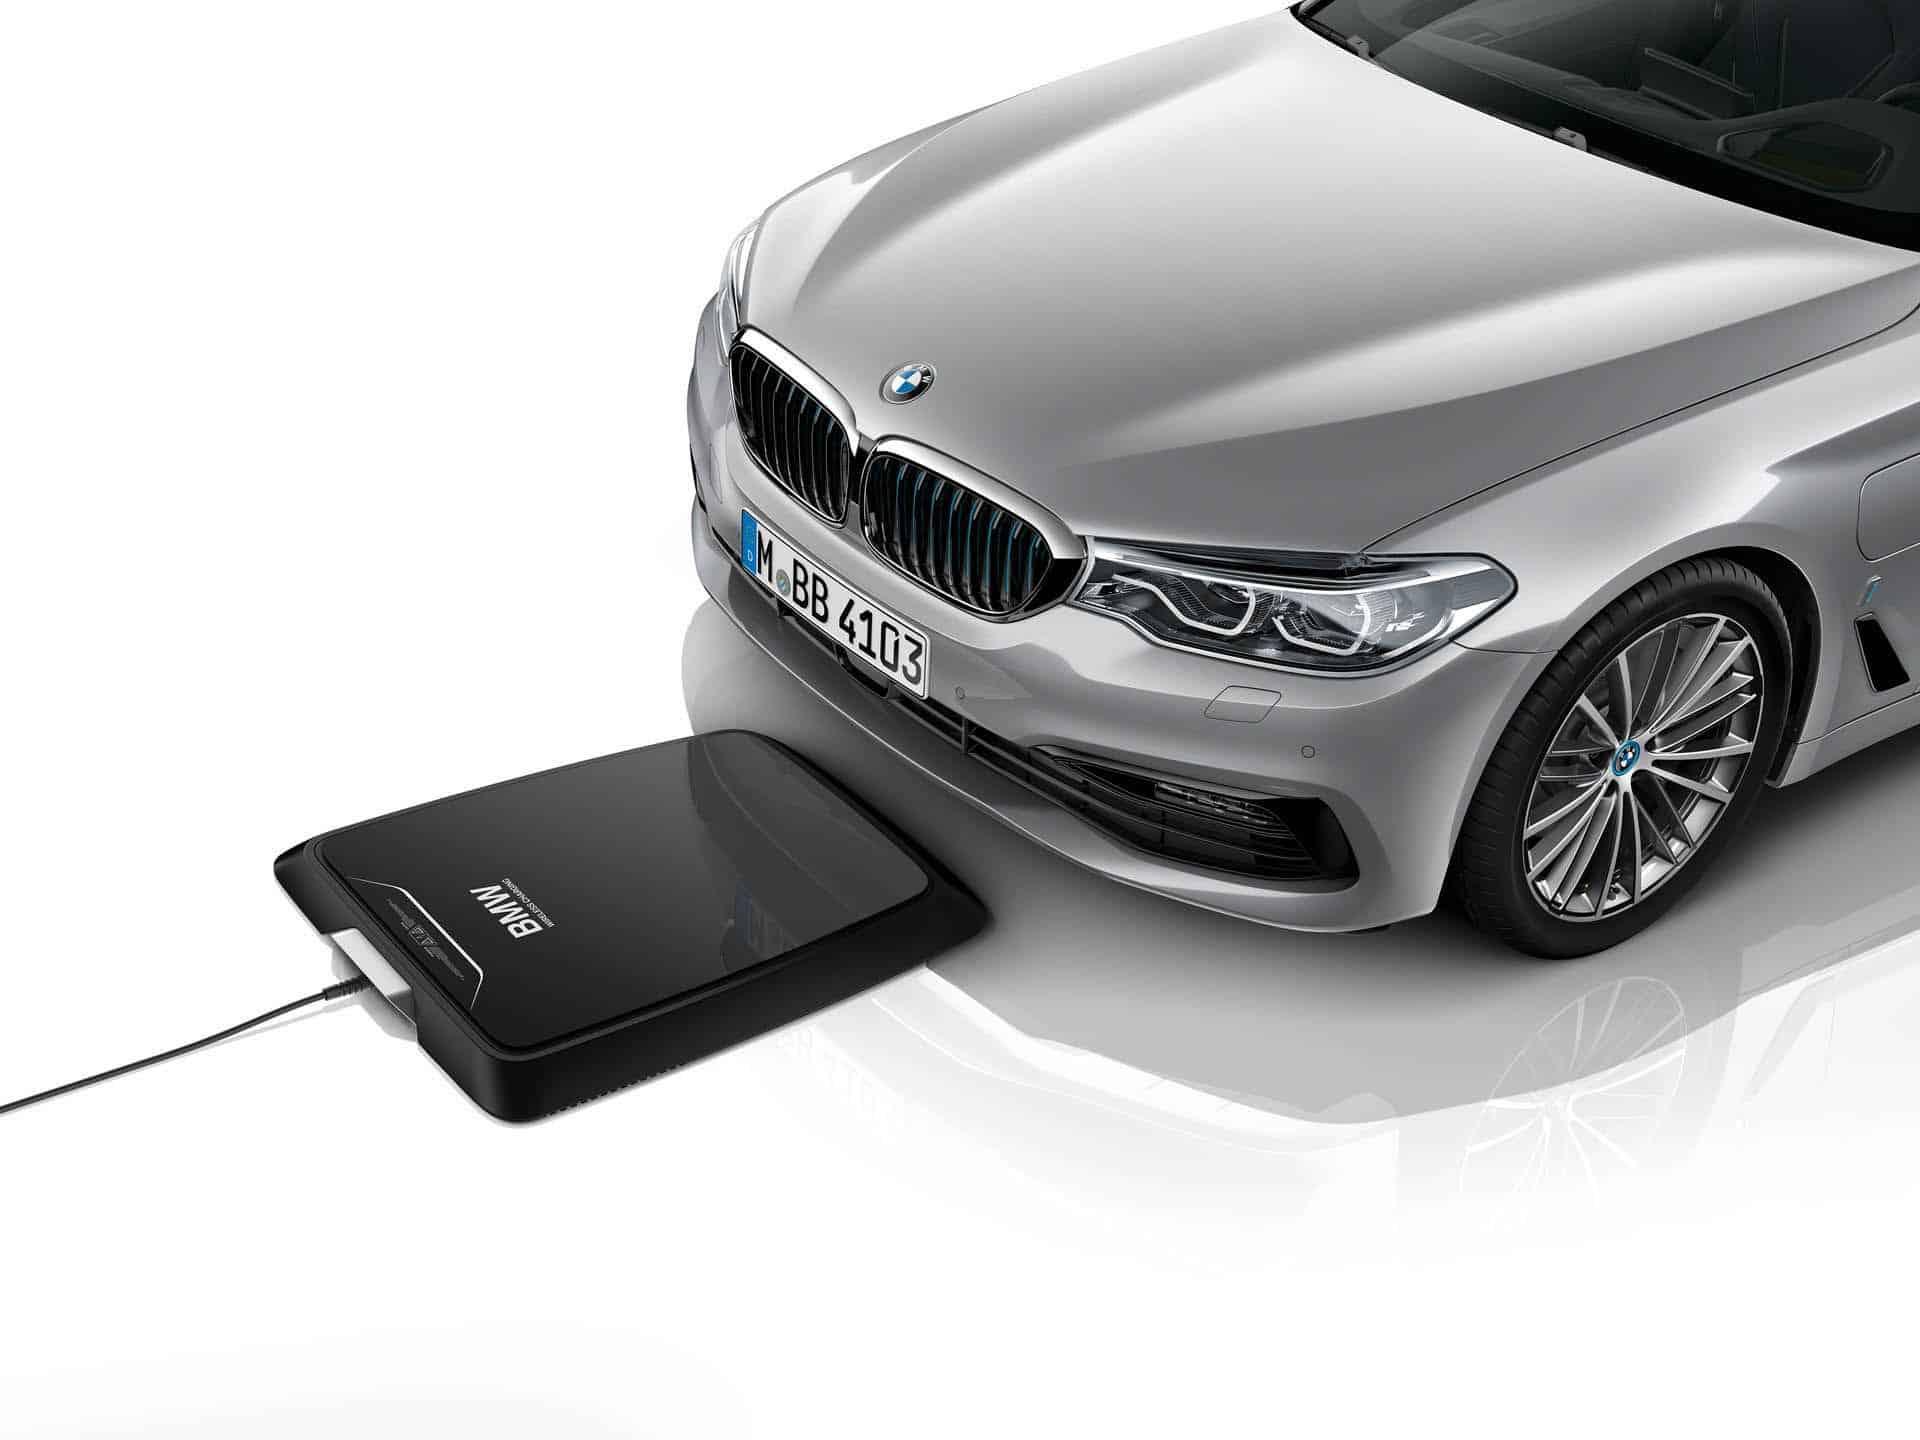 recarga inalámbrica en coches eléctricos